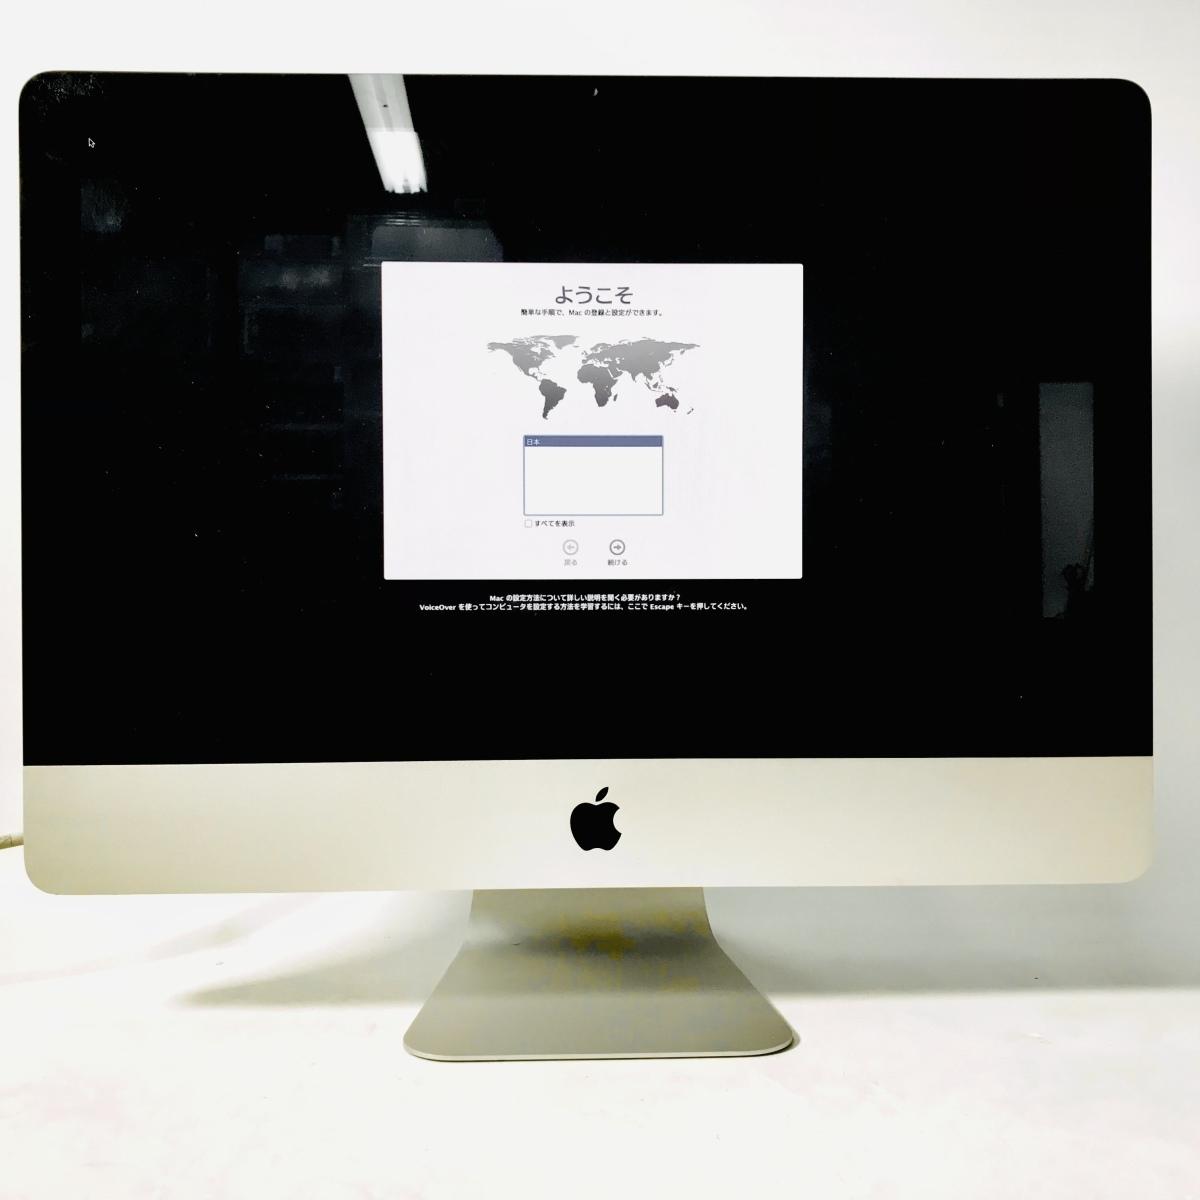 動作確認済み iMac 21.5インチ(Mid 2011) Core i5 2.5GHz/12GB/500GB MC309J/A_画像1